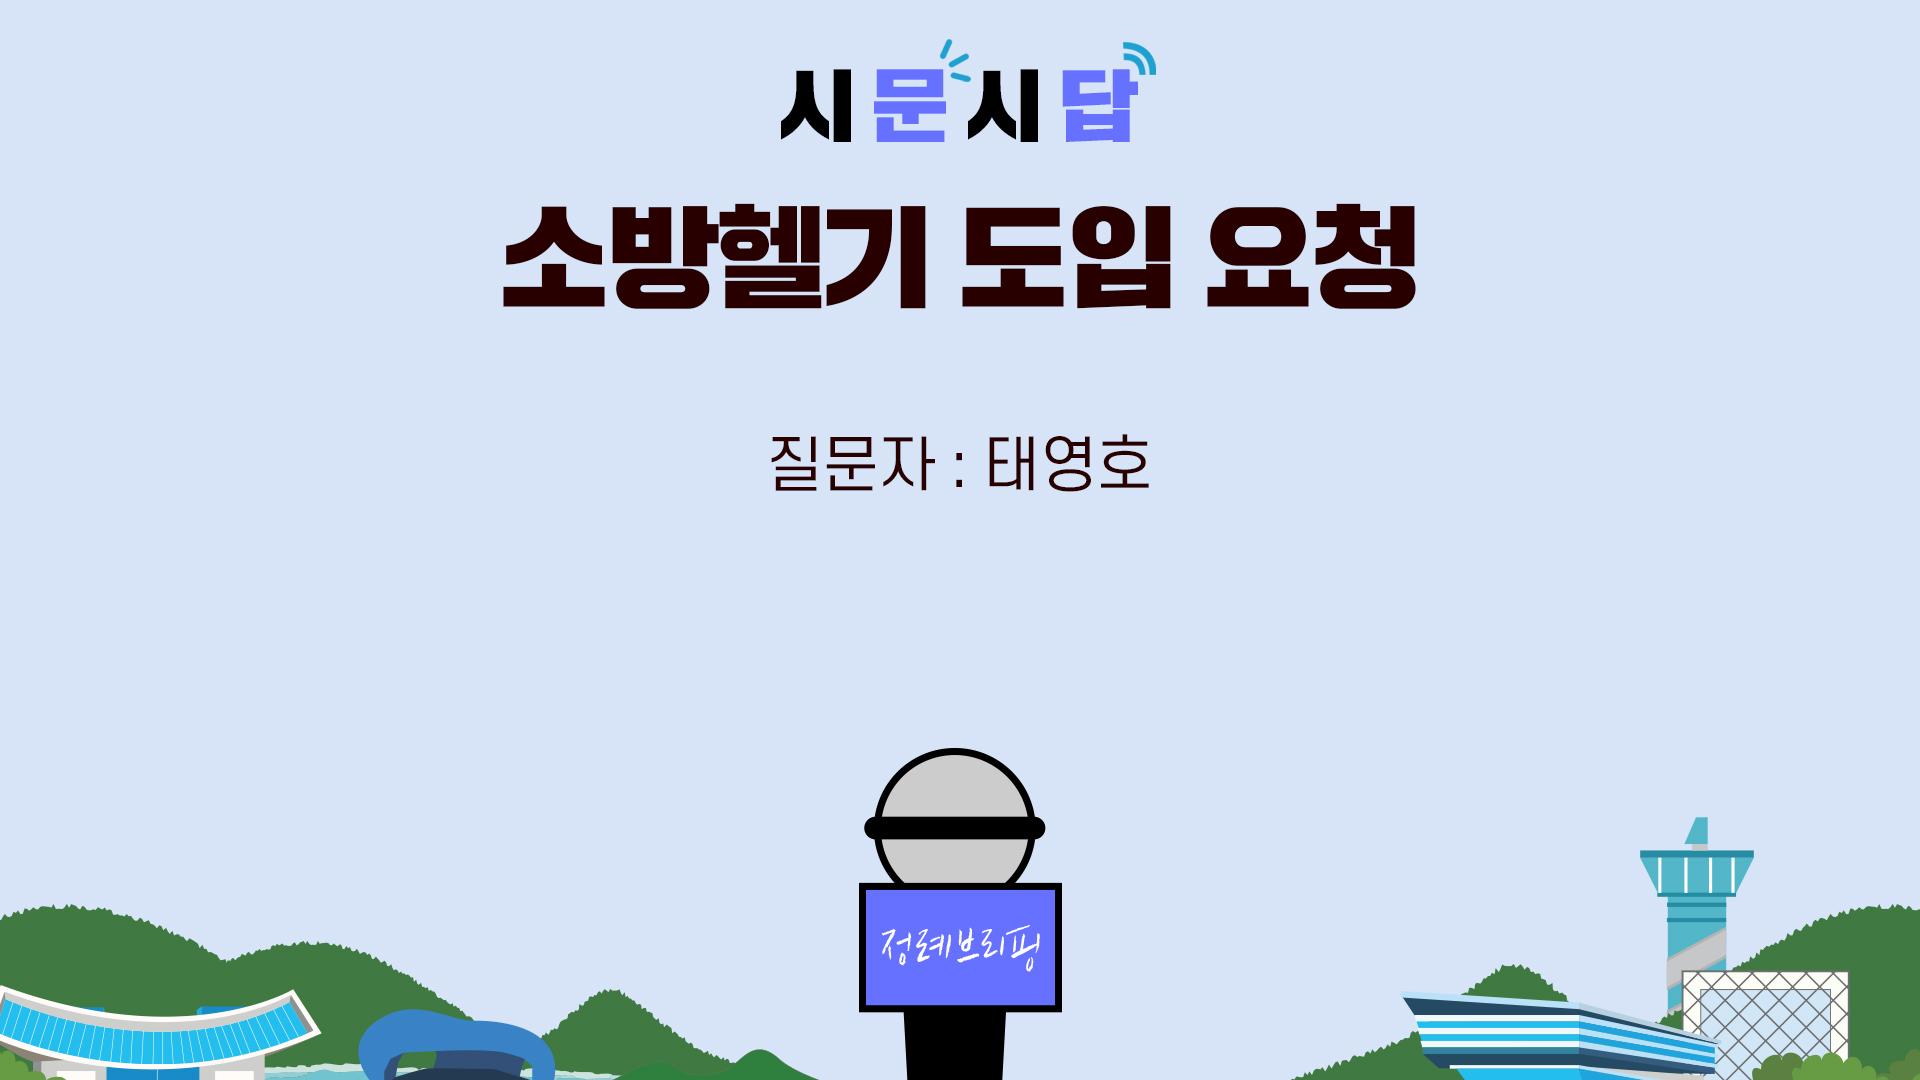 <시문시답> 소방헬기 도입 요청